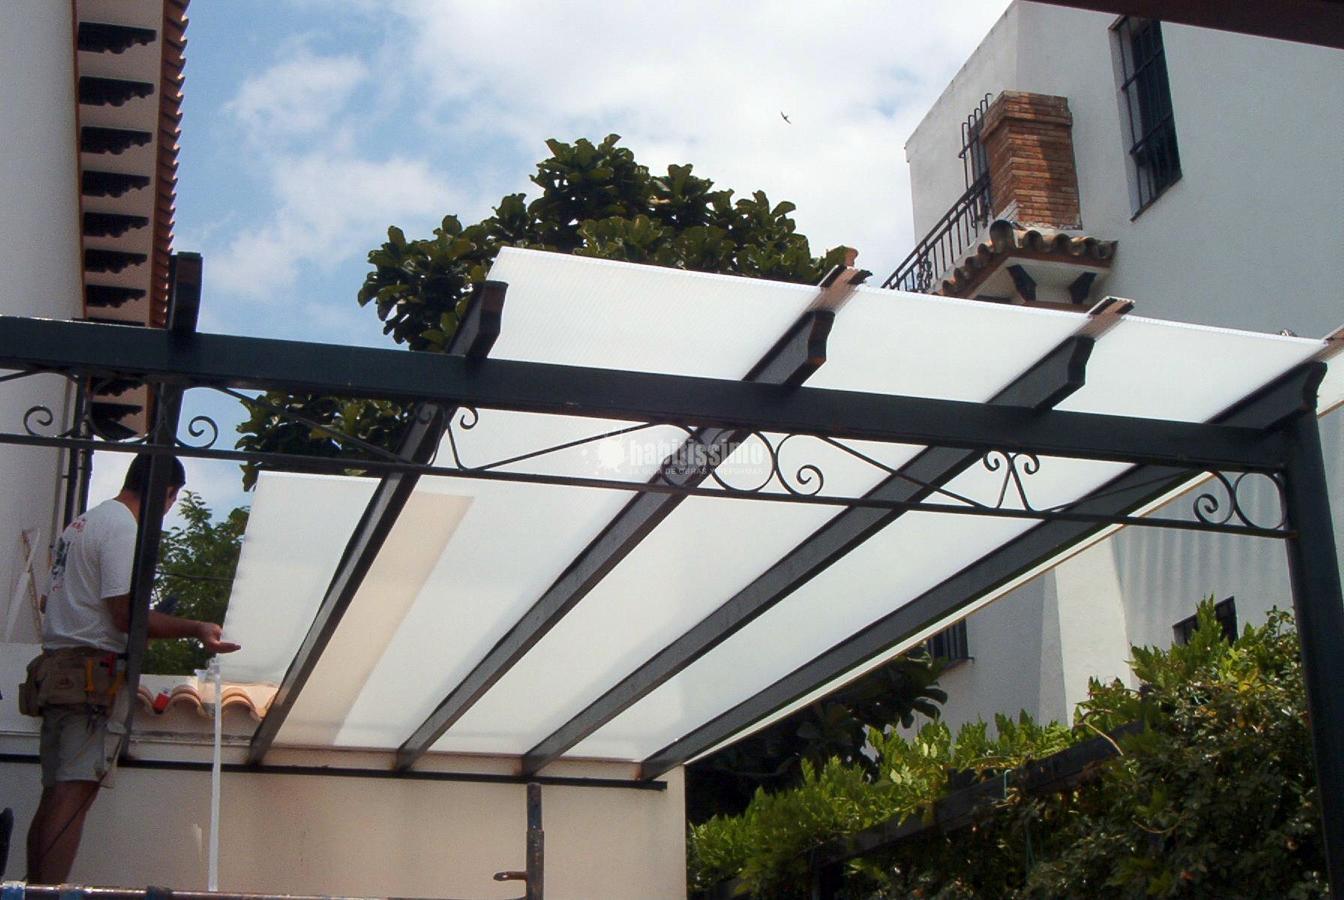 Cubierta de policarbonato en eliopolis sevilla ideas materiales construcci n - Materiales de construccion sevilla ...